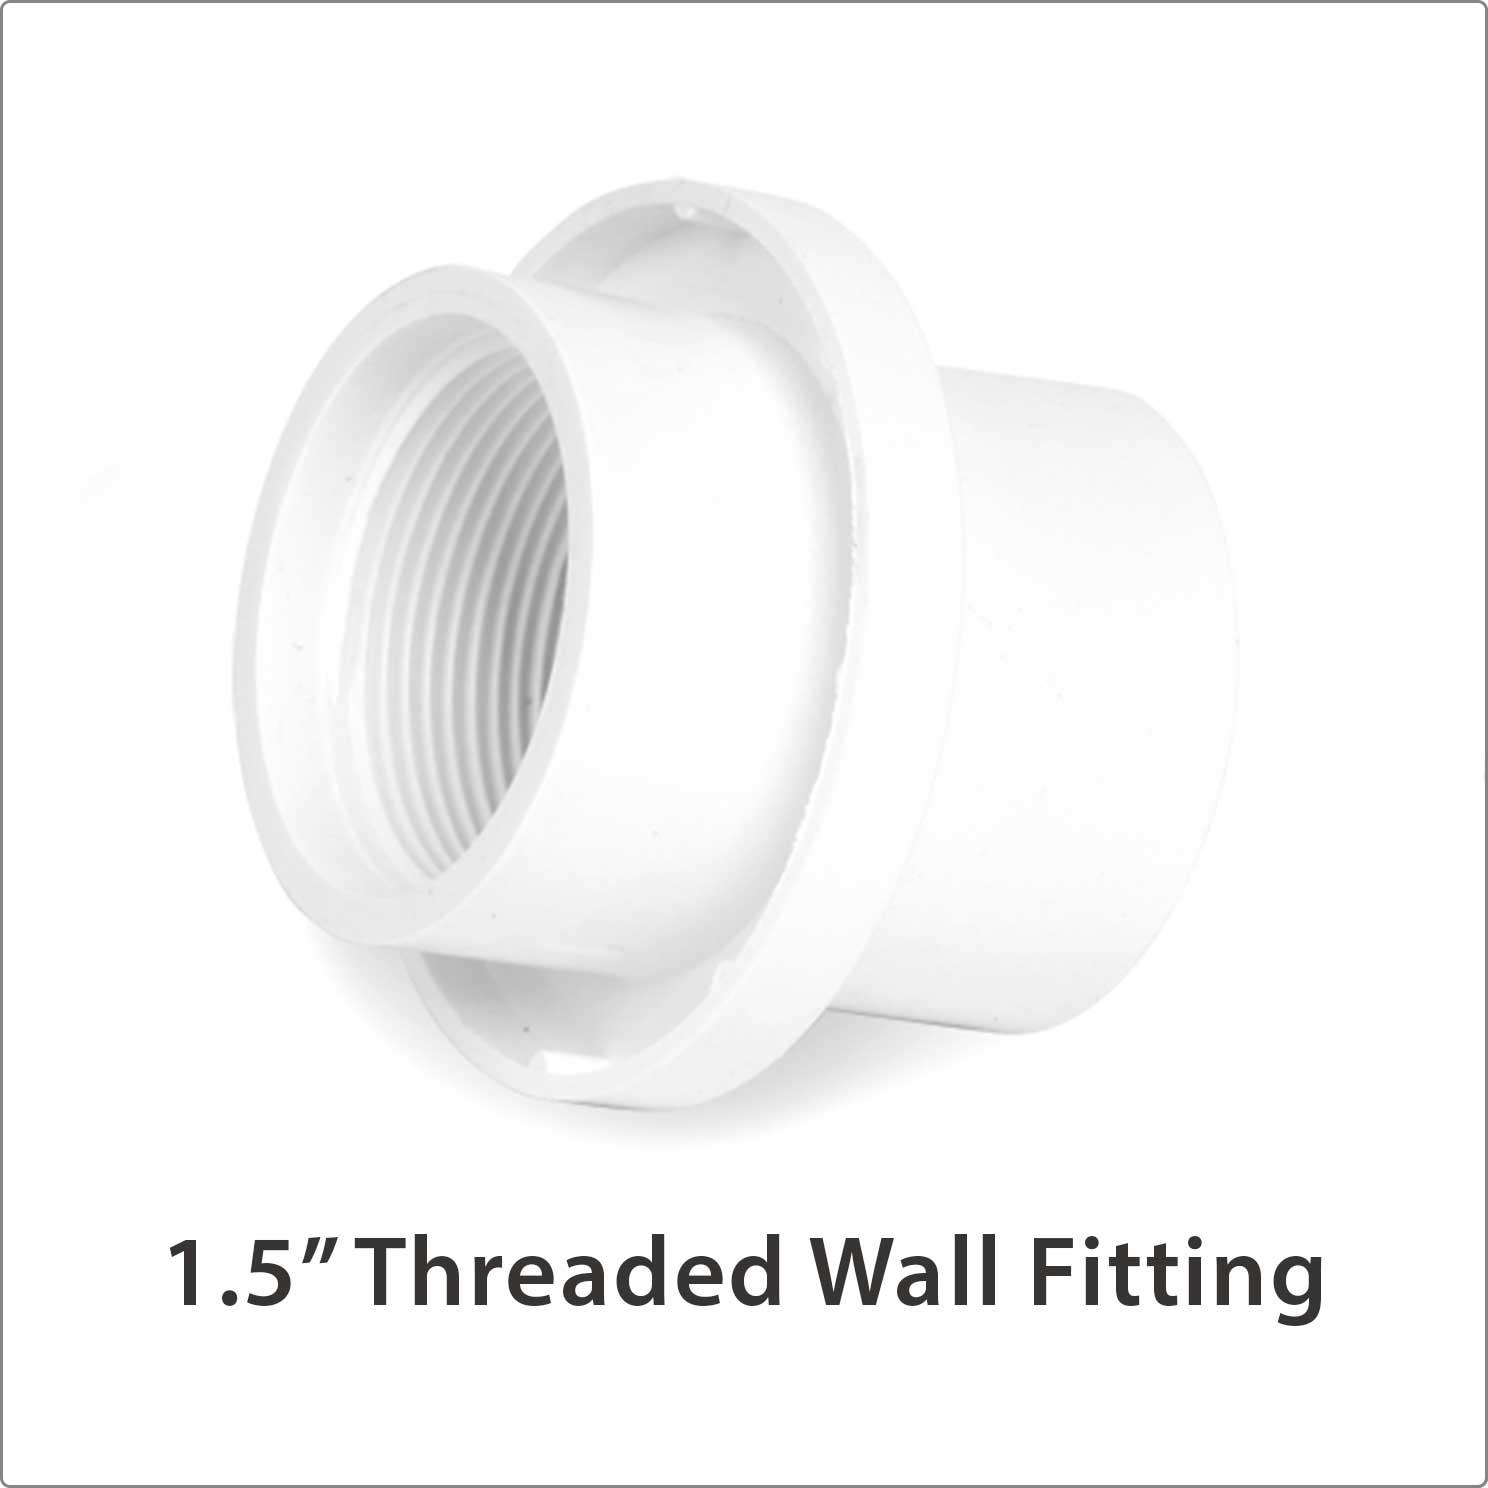 Threaded-Wall-Fitting-1-half-inch.jpg